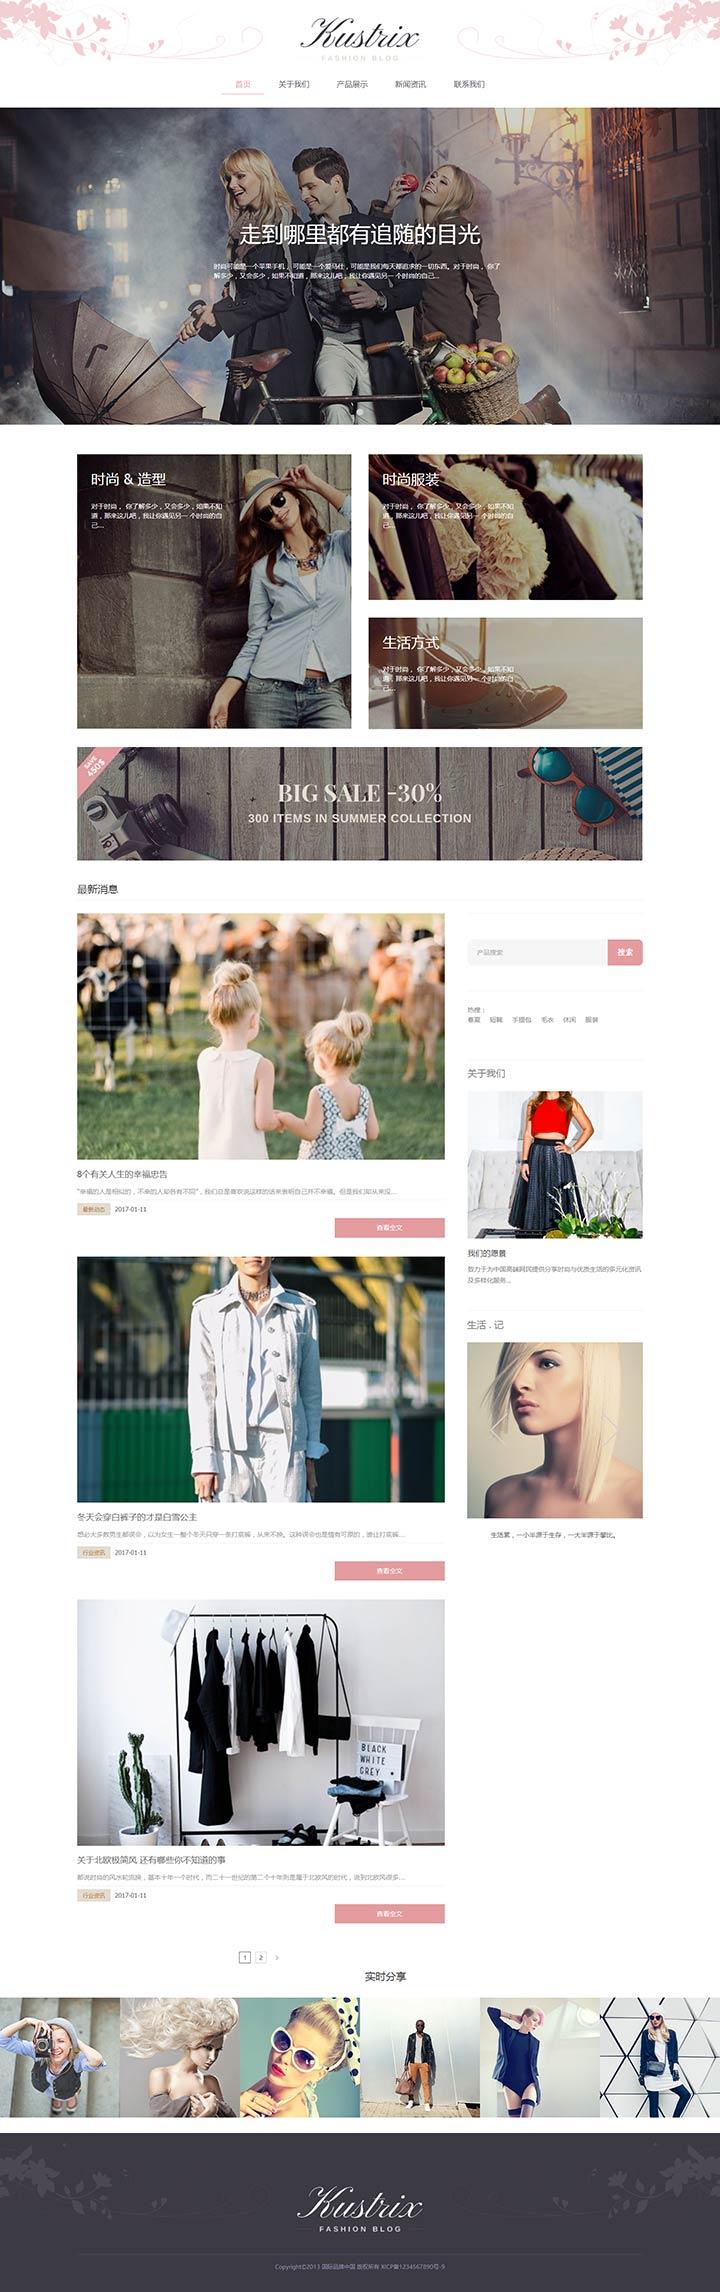 时尚品牌展示型网站